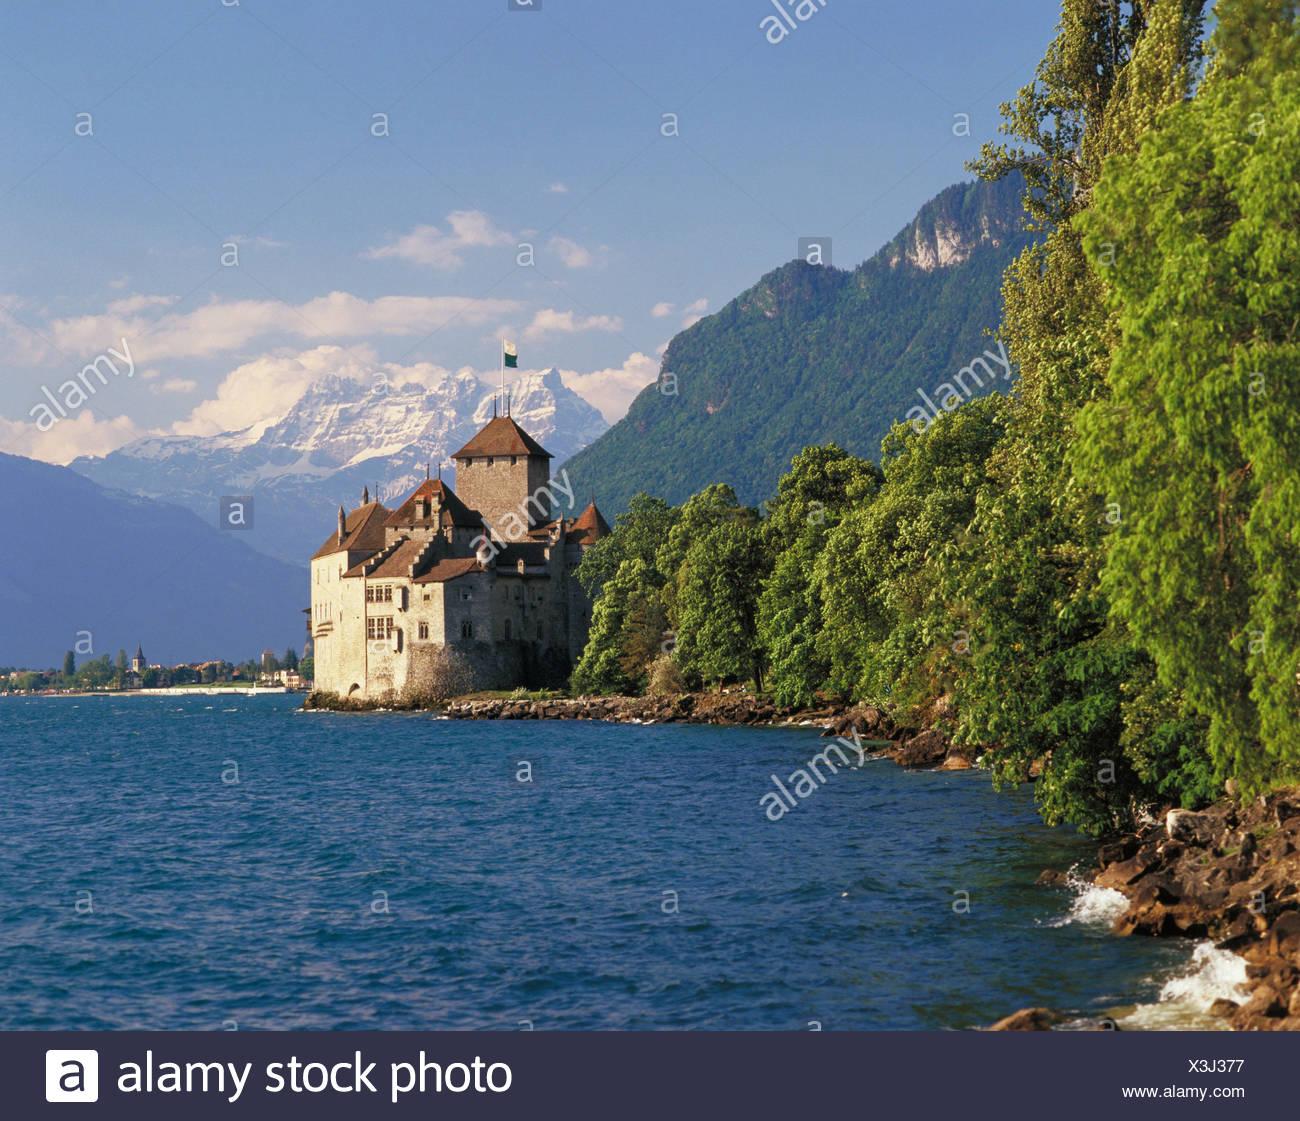 outside Dents du Midi bushes thicket castle Chillon Switzerland Europe lake Geneva Lake Geneva Vaud - Stock Image